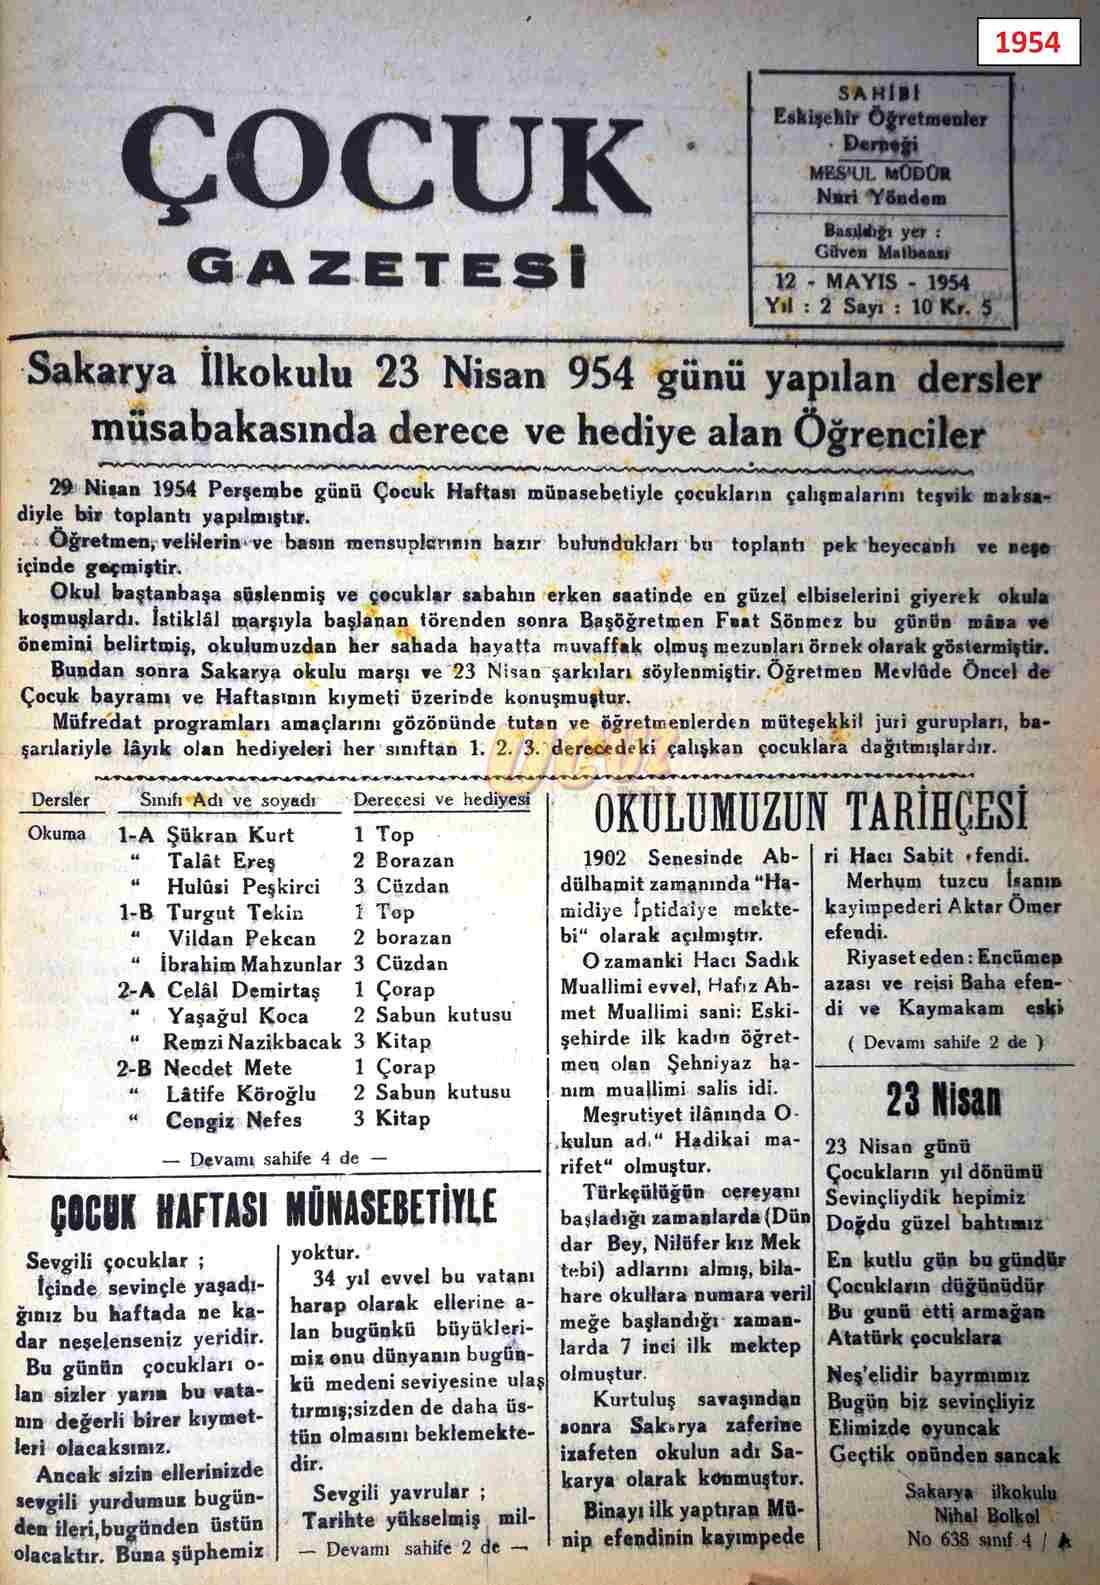 1954 çocuk gazetesi 1